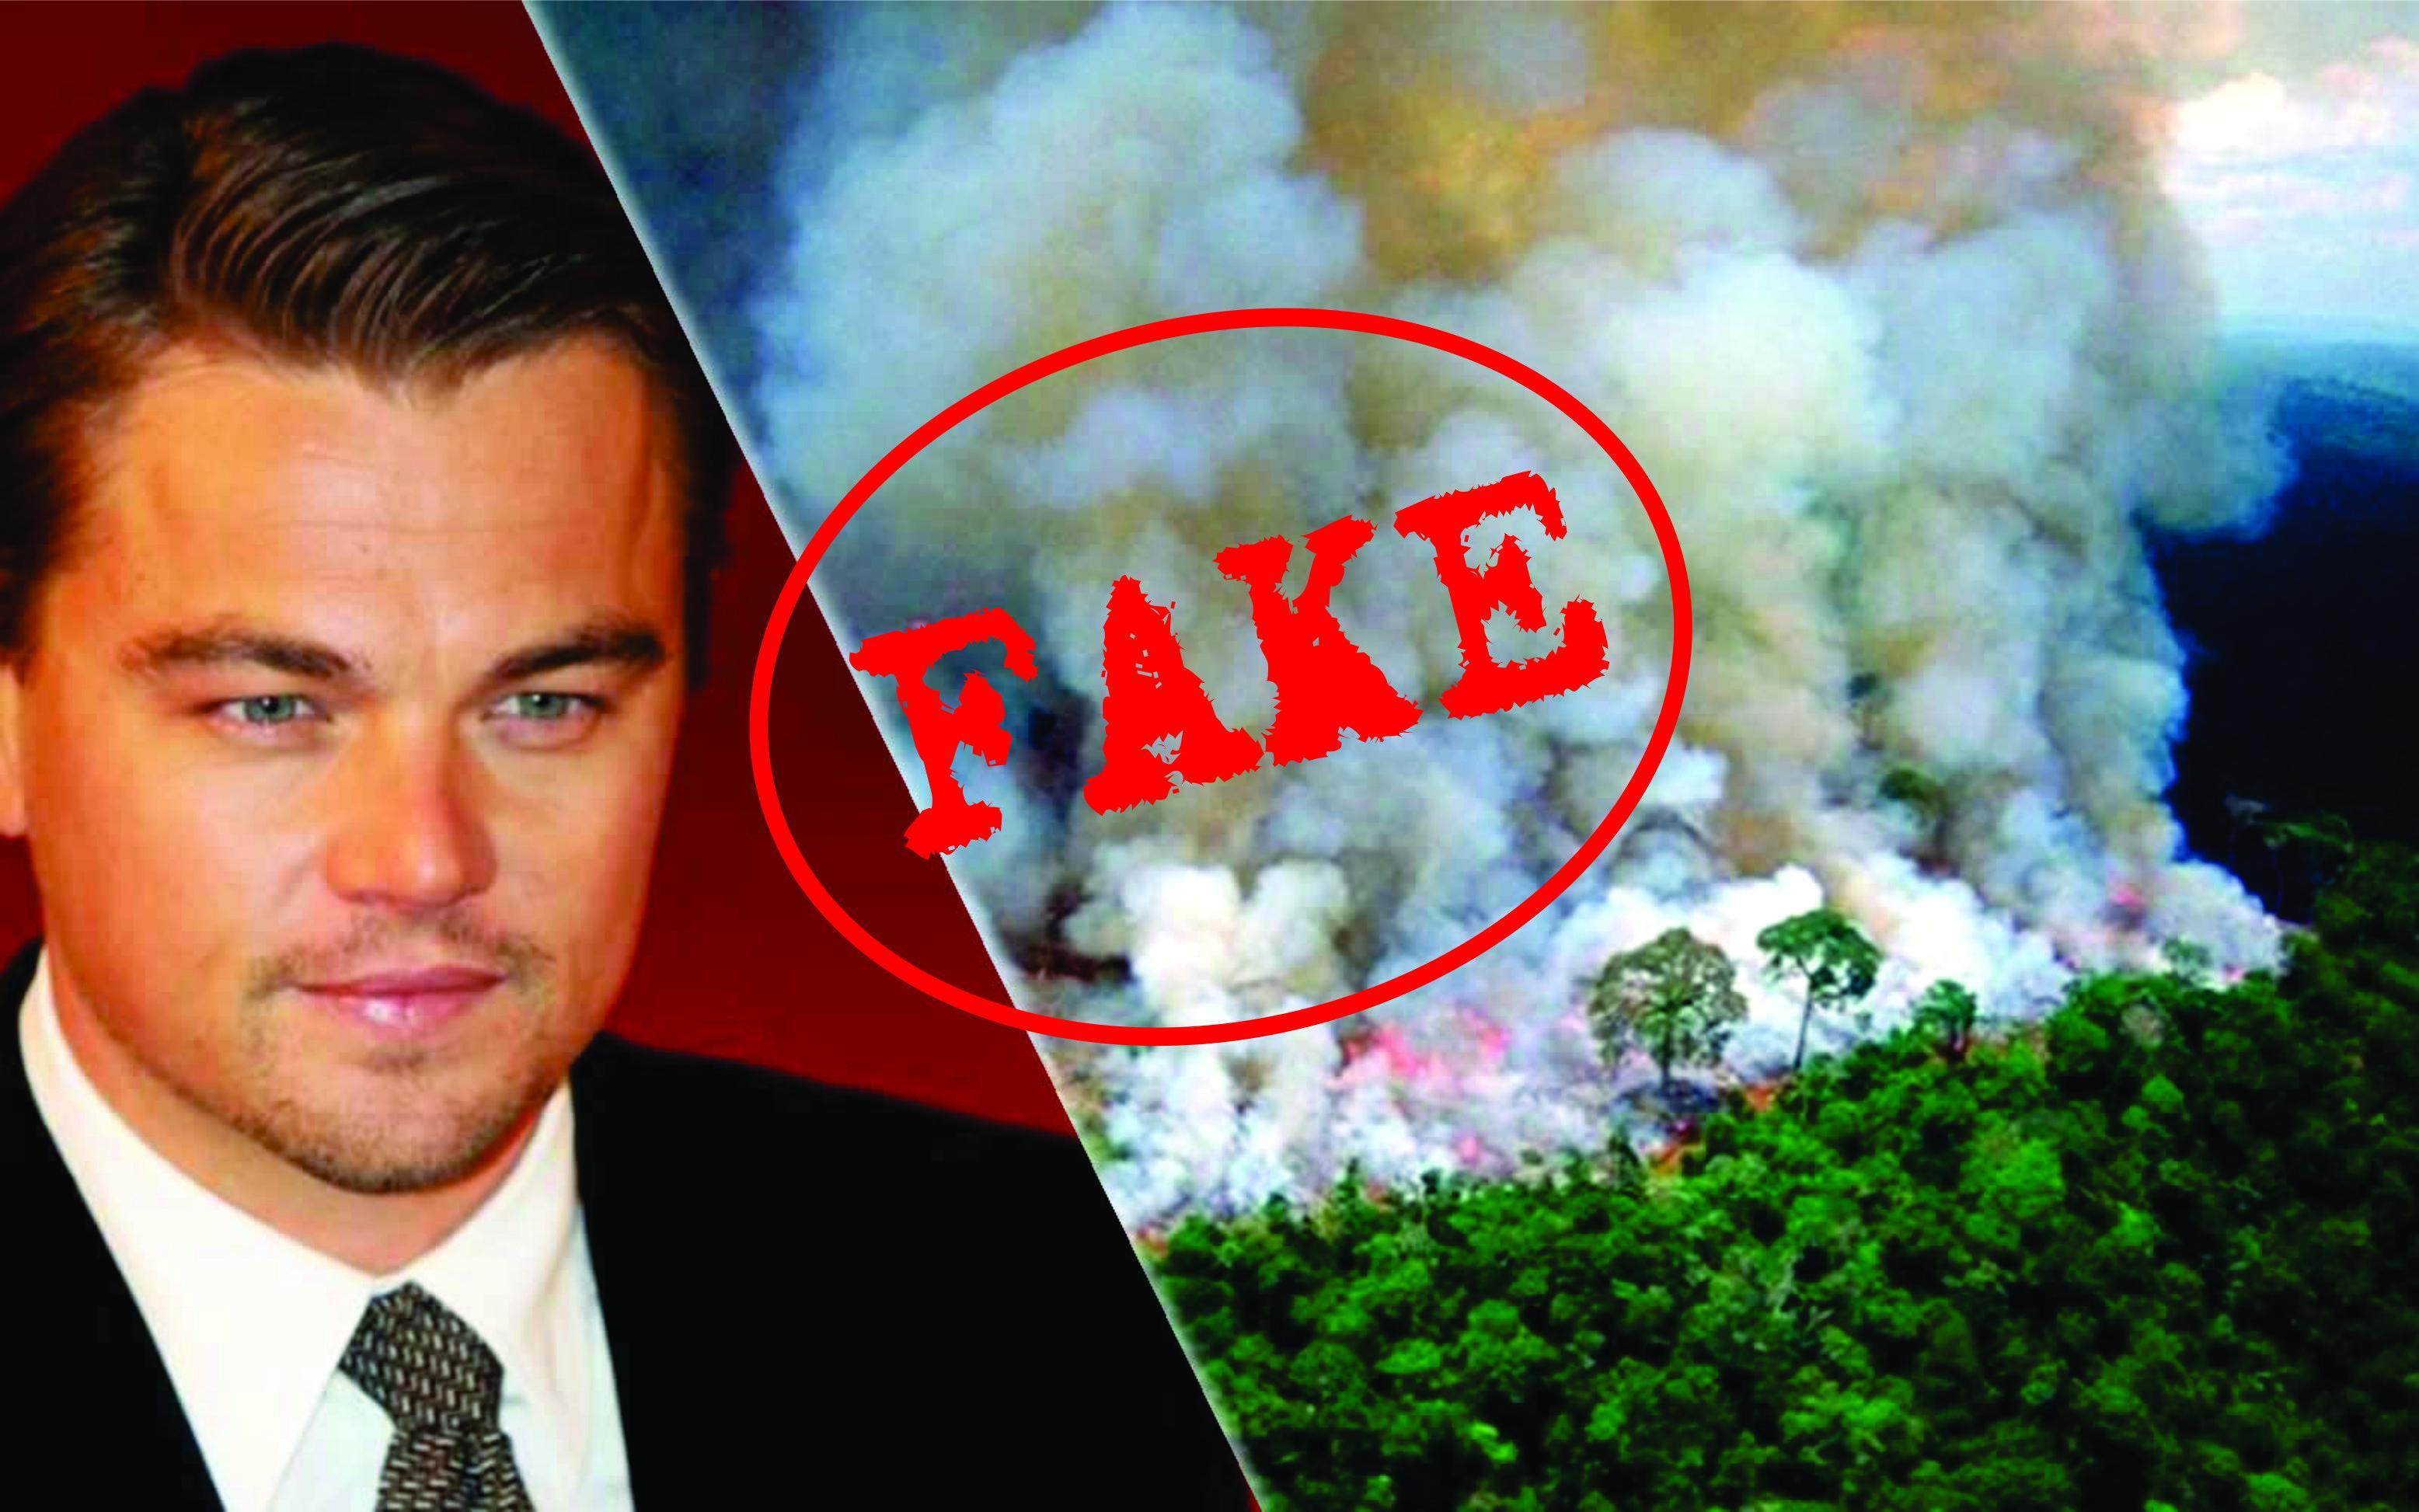 Leonardo DiCaprio, uma das celebridade que divulgaram fotos 'fake' das queimadas na Amazônia.